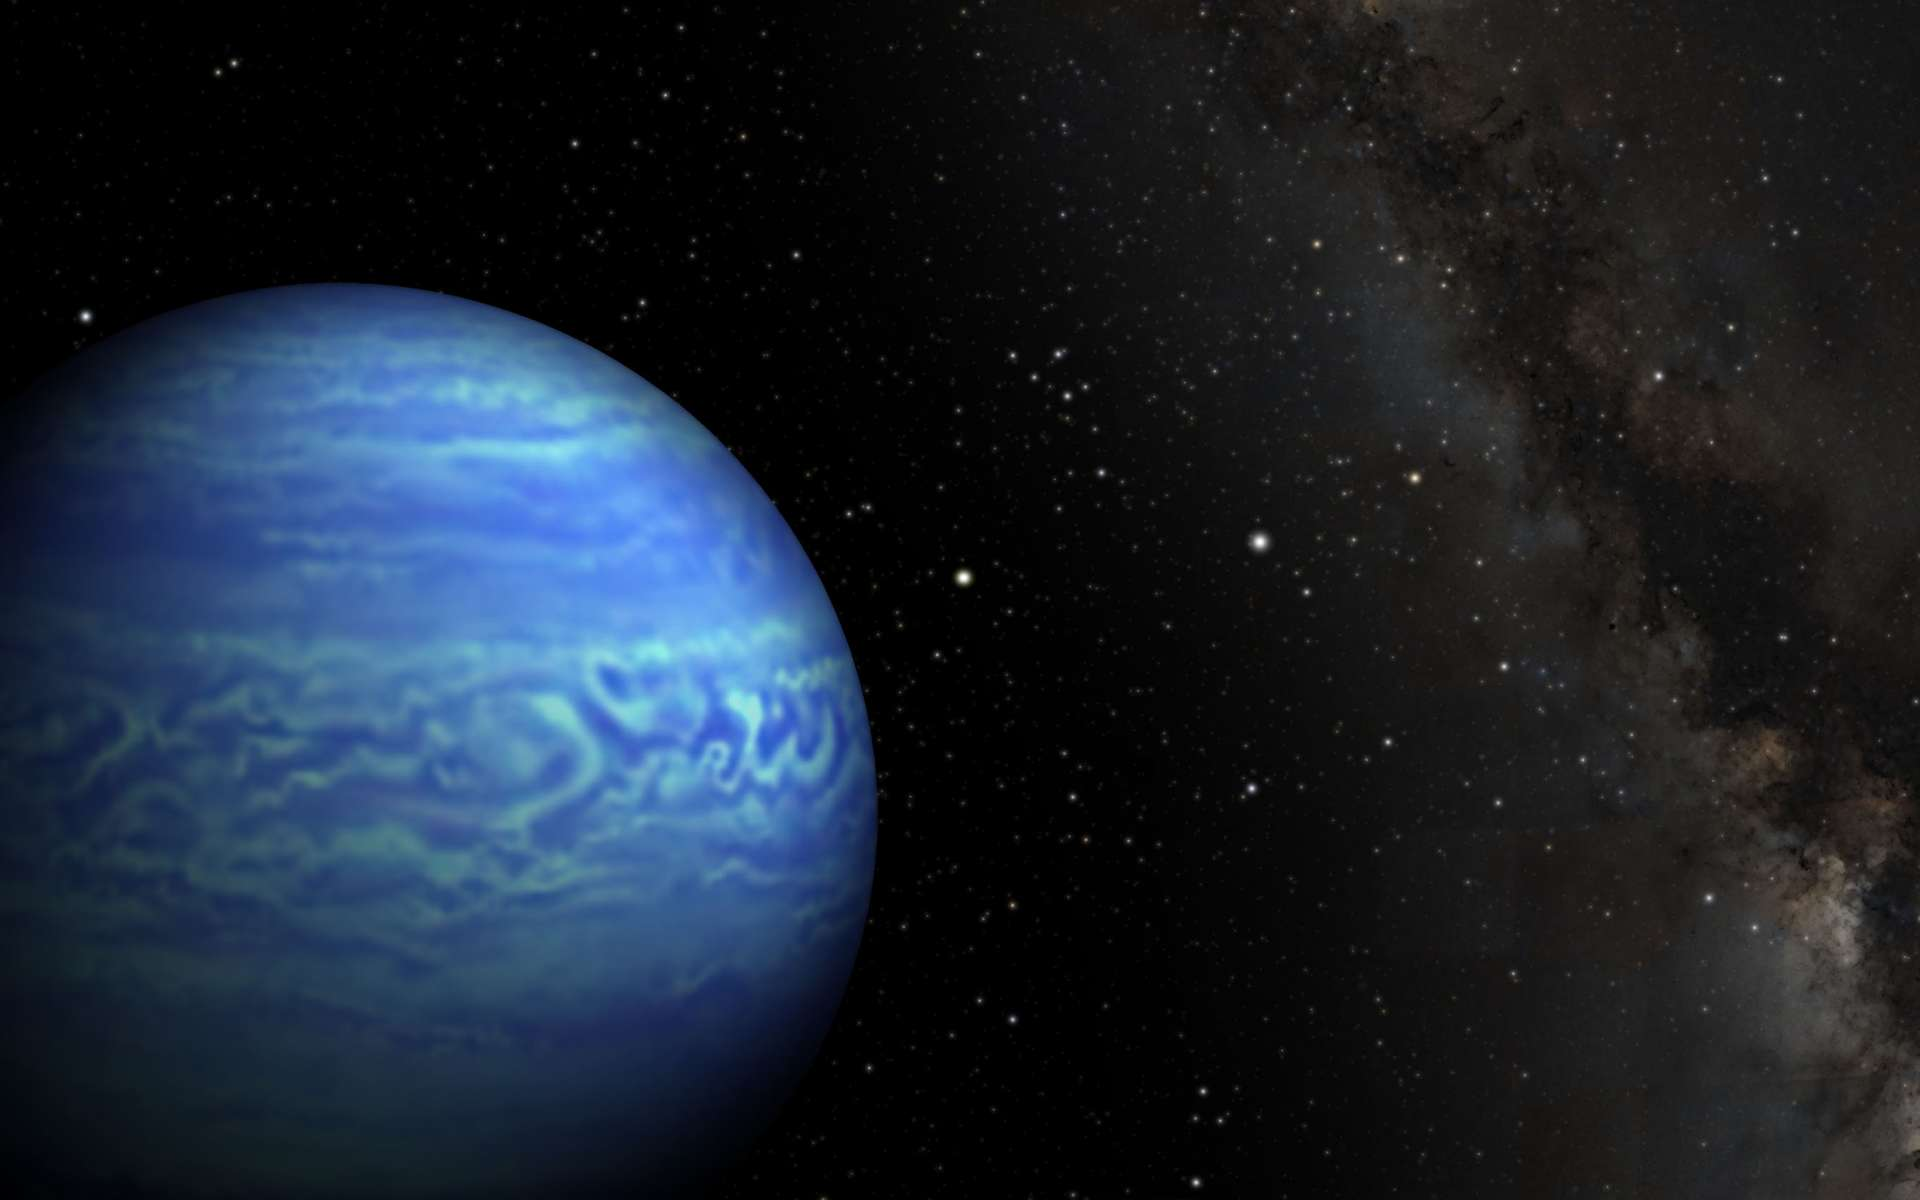 Illustration de WISE J085510.83-071442.5, minuscule étoile de type naine brune. Il s'agit du cas le plus froid connu à ce jour et de la quatrième étoile la plus proche de nous. À sa droite, le point lumineux n'est autre que notre Soleil, distant de seulement 7,2 années-lumière. © Robert Hurt, JPL, Janella Williams, université de Pennsylvanie